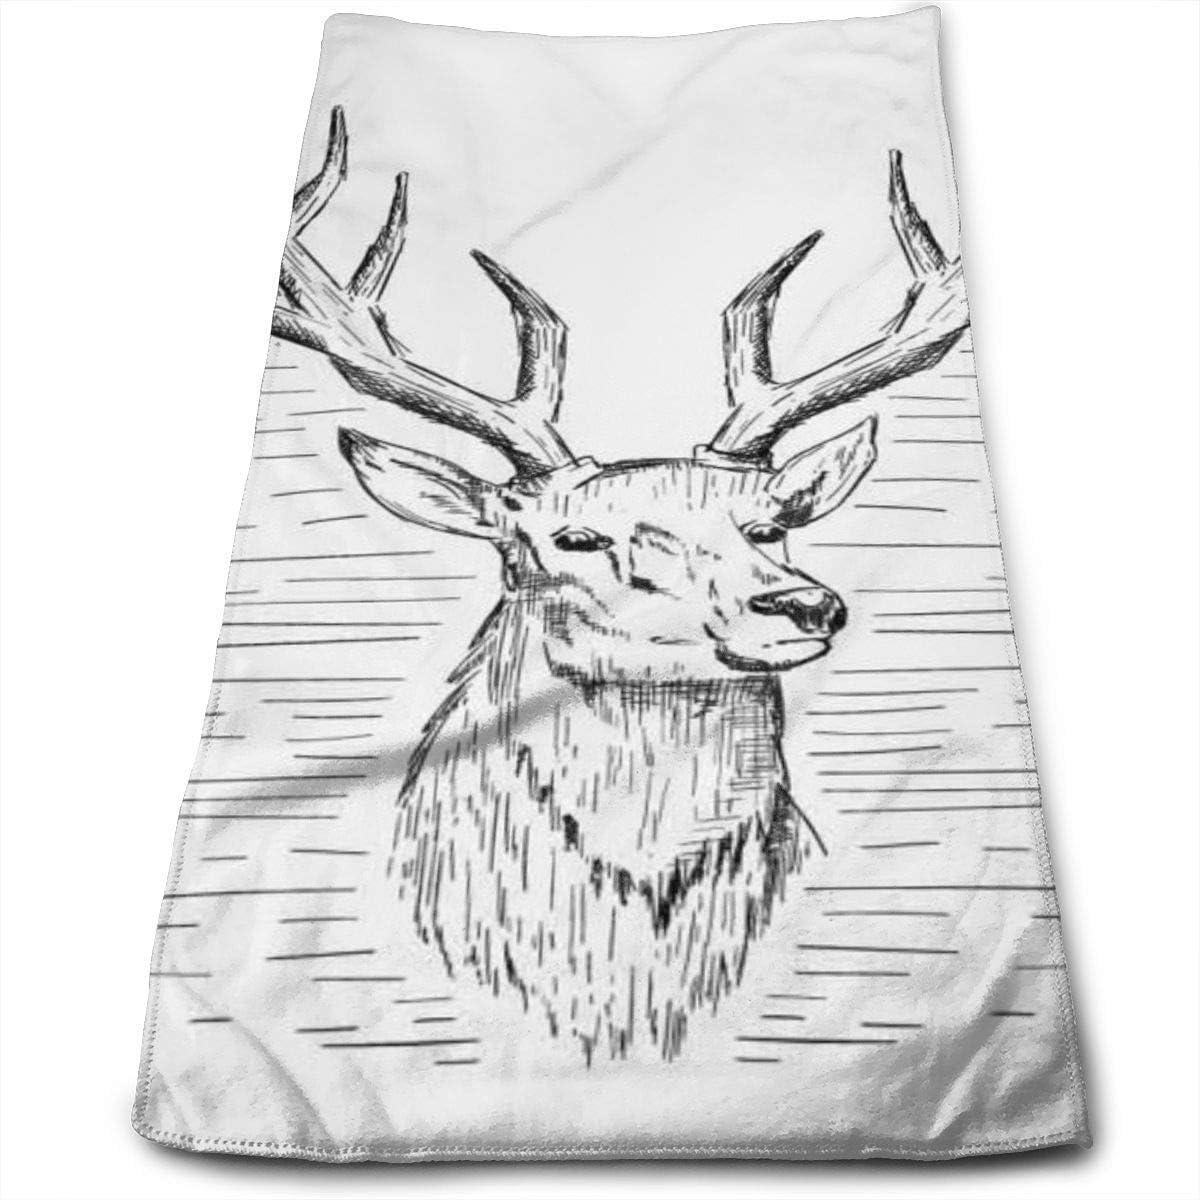 Dnwha Serviette en Polyester Super Douce pour Le Lavage du Visage et Les Cheveux Motif cerf